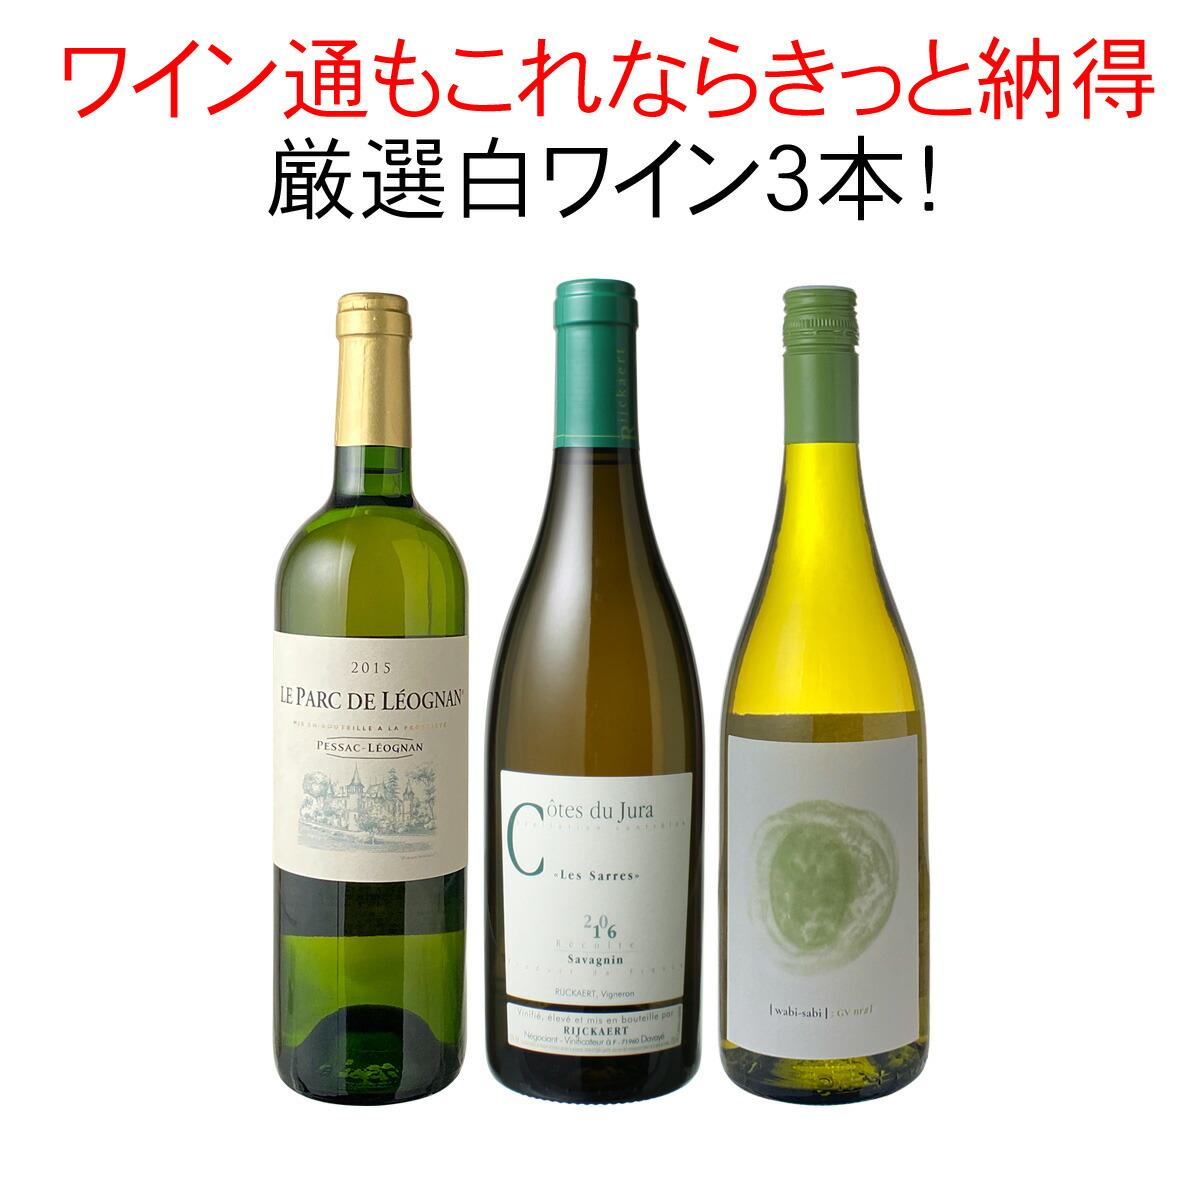 ワインセット 厳選 白ワイン 3本 セット シャブリ マルケ ジュラ ワイン通の方もきっと納得白